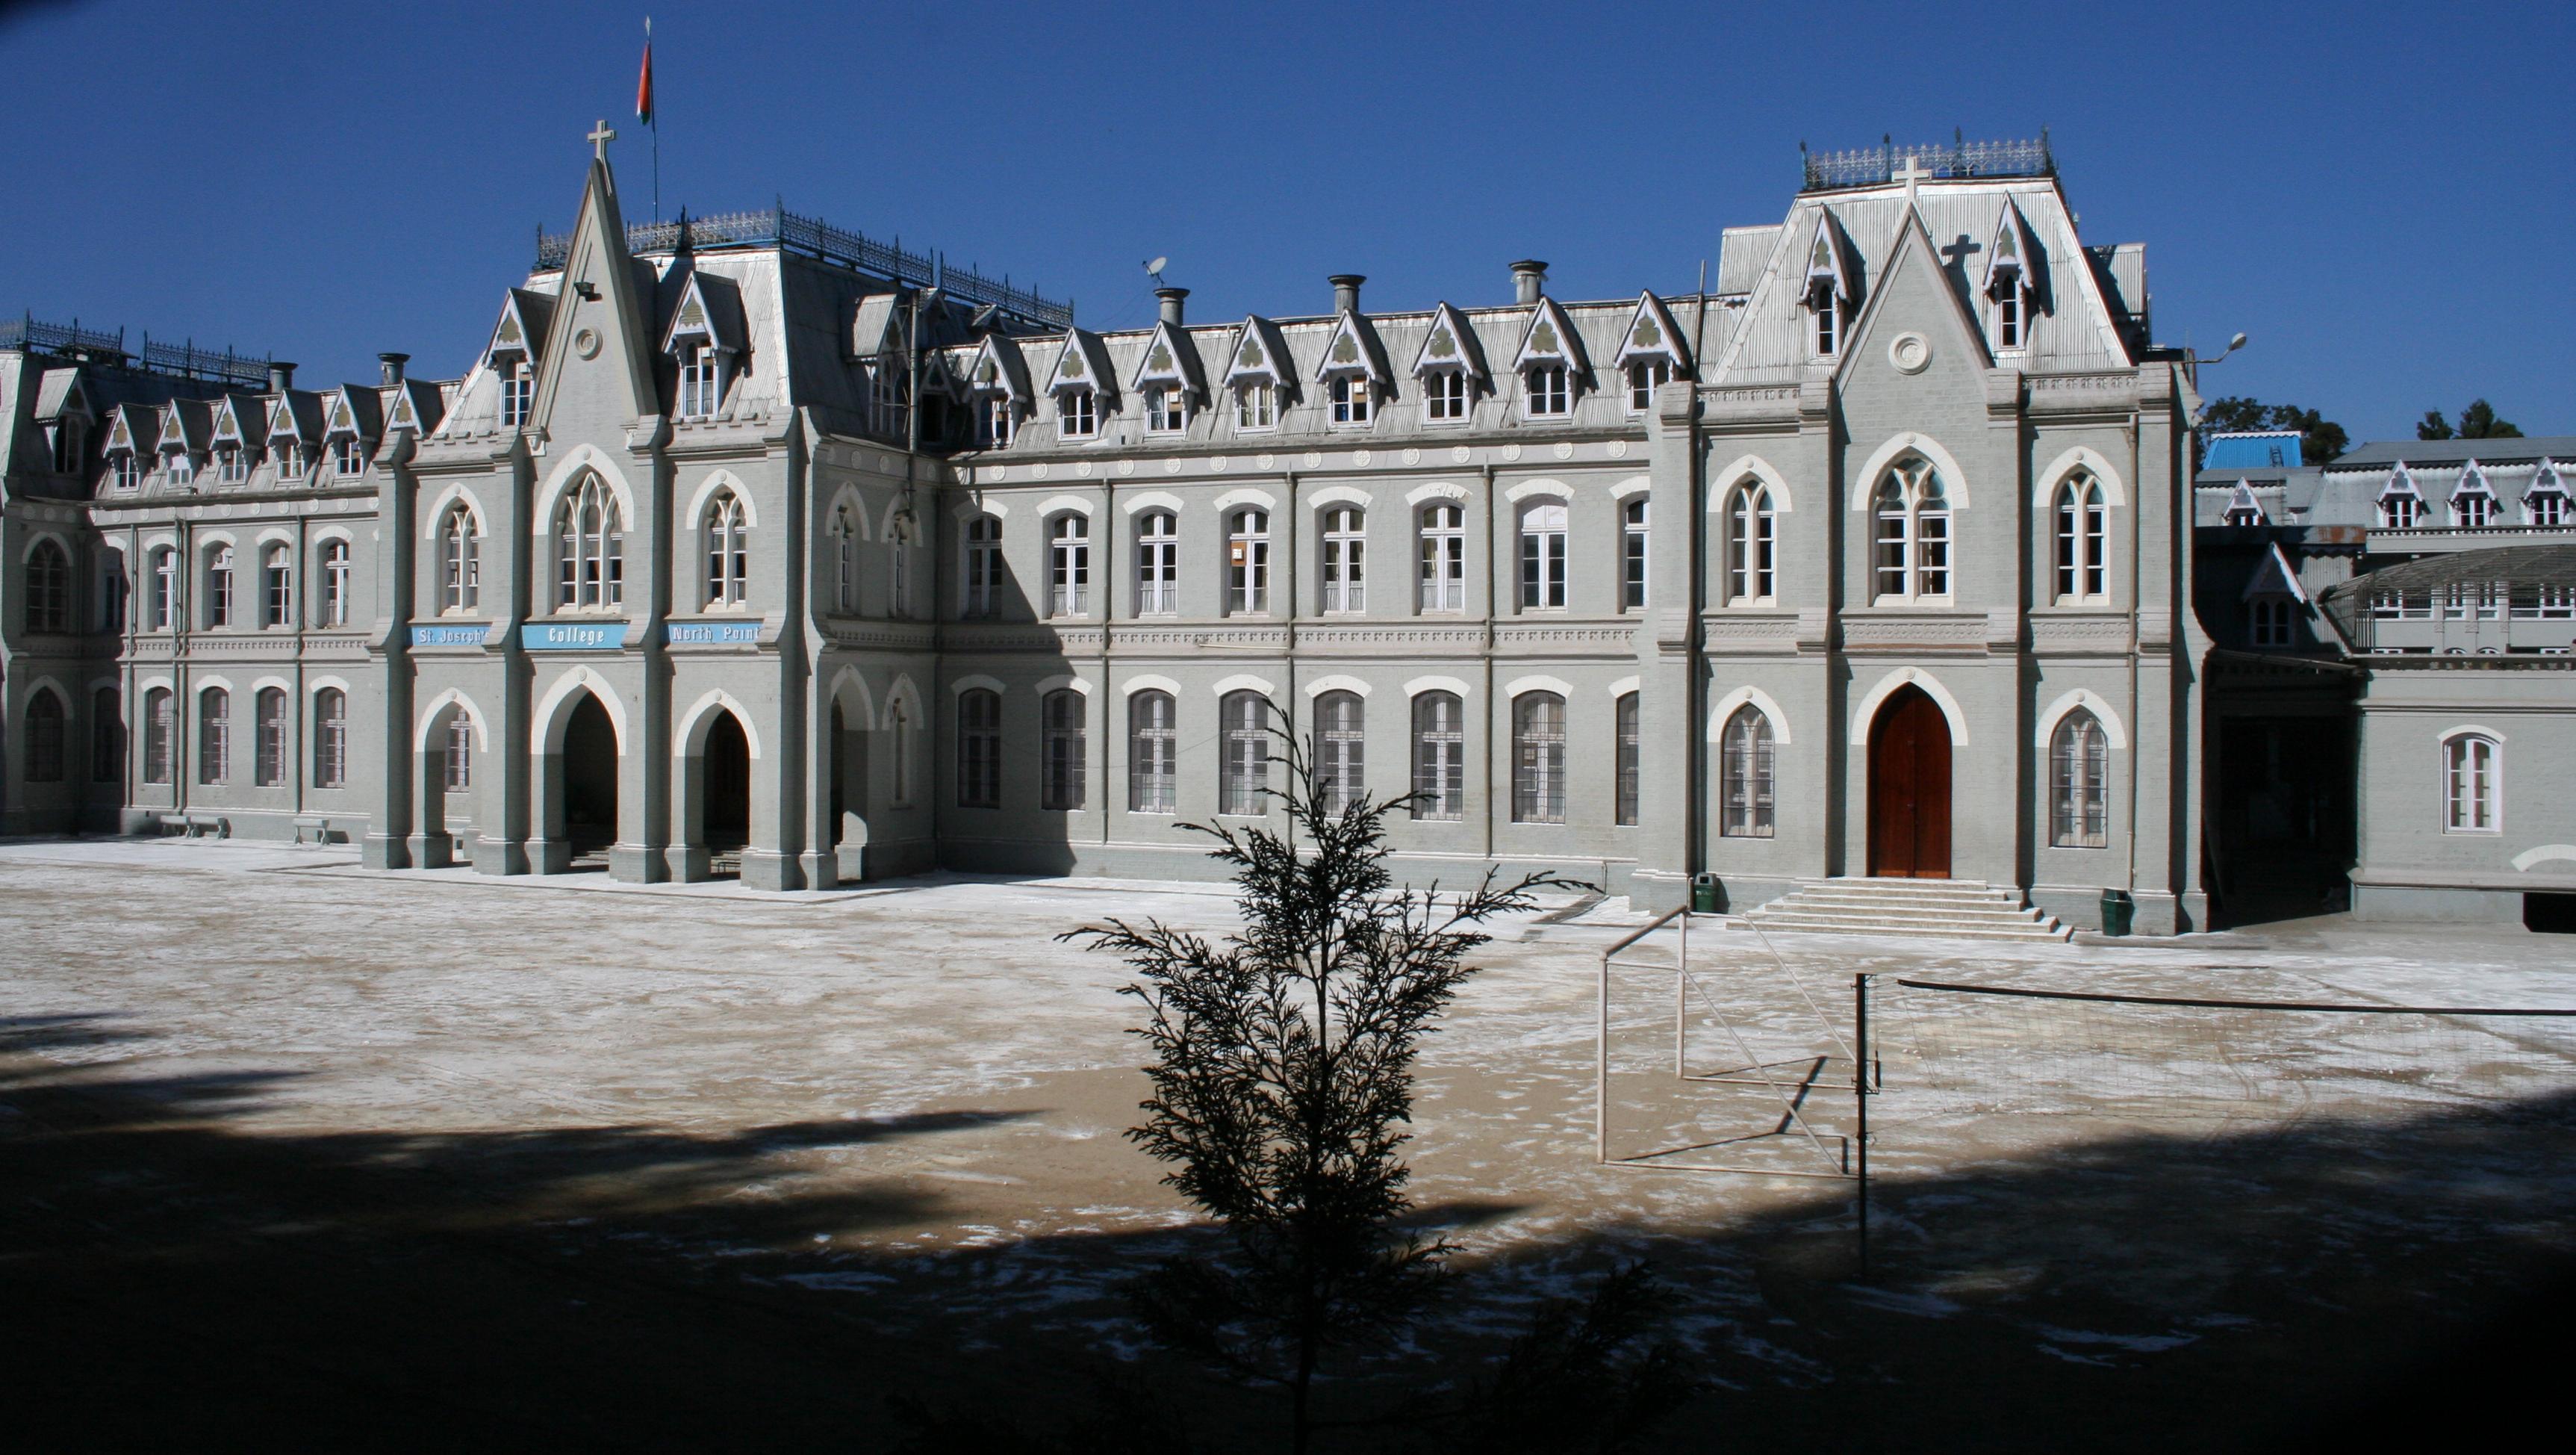 Saint Joseph's College (Ind.)